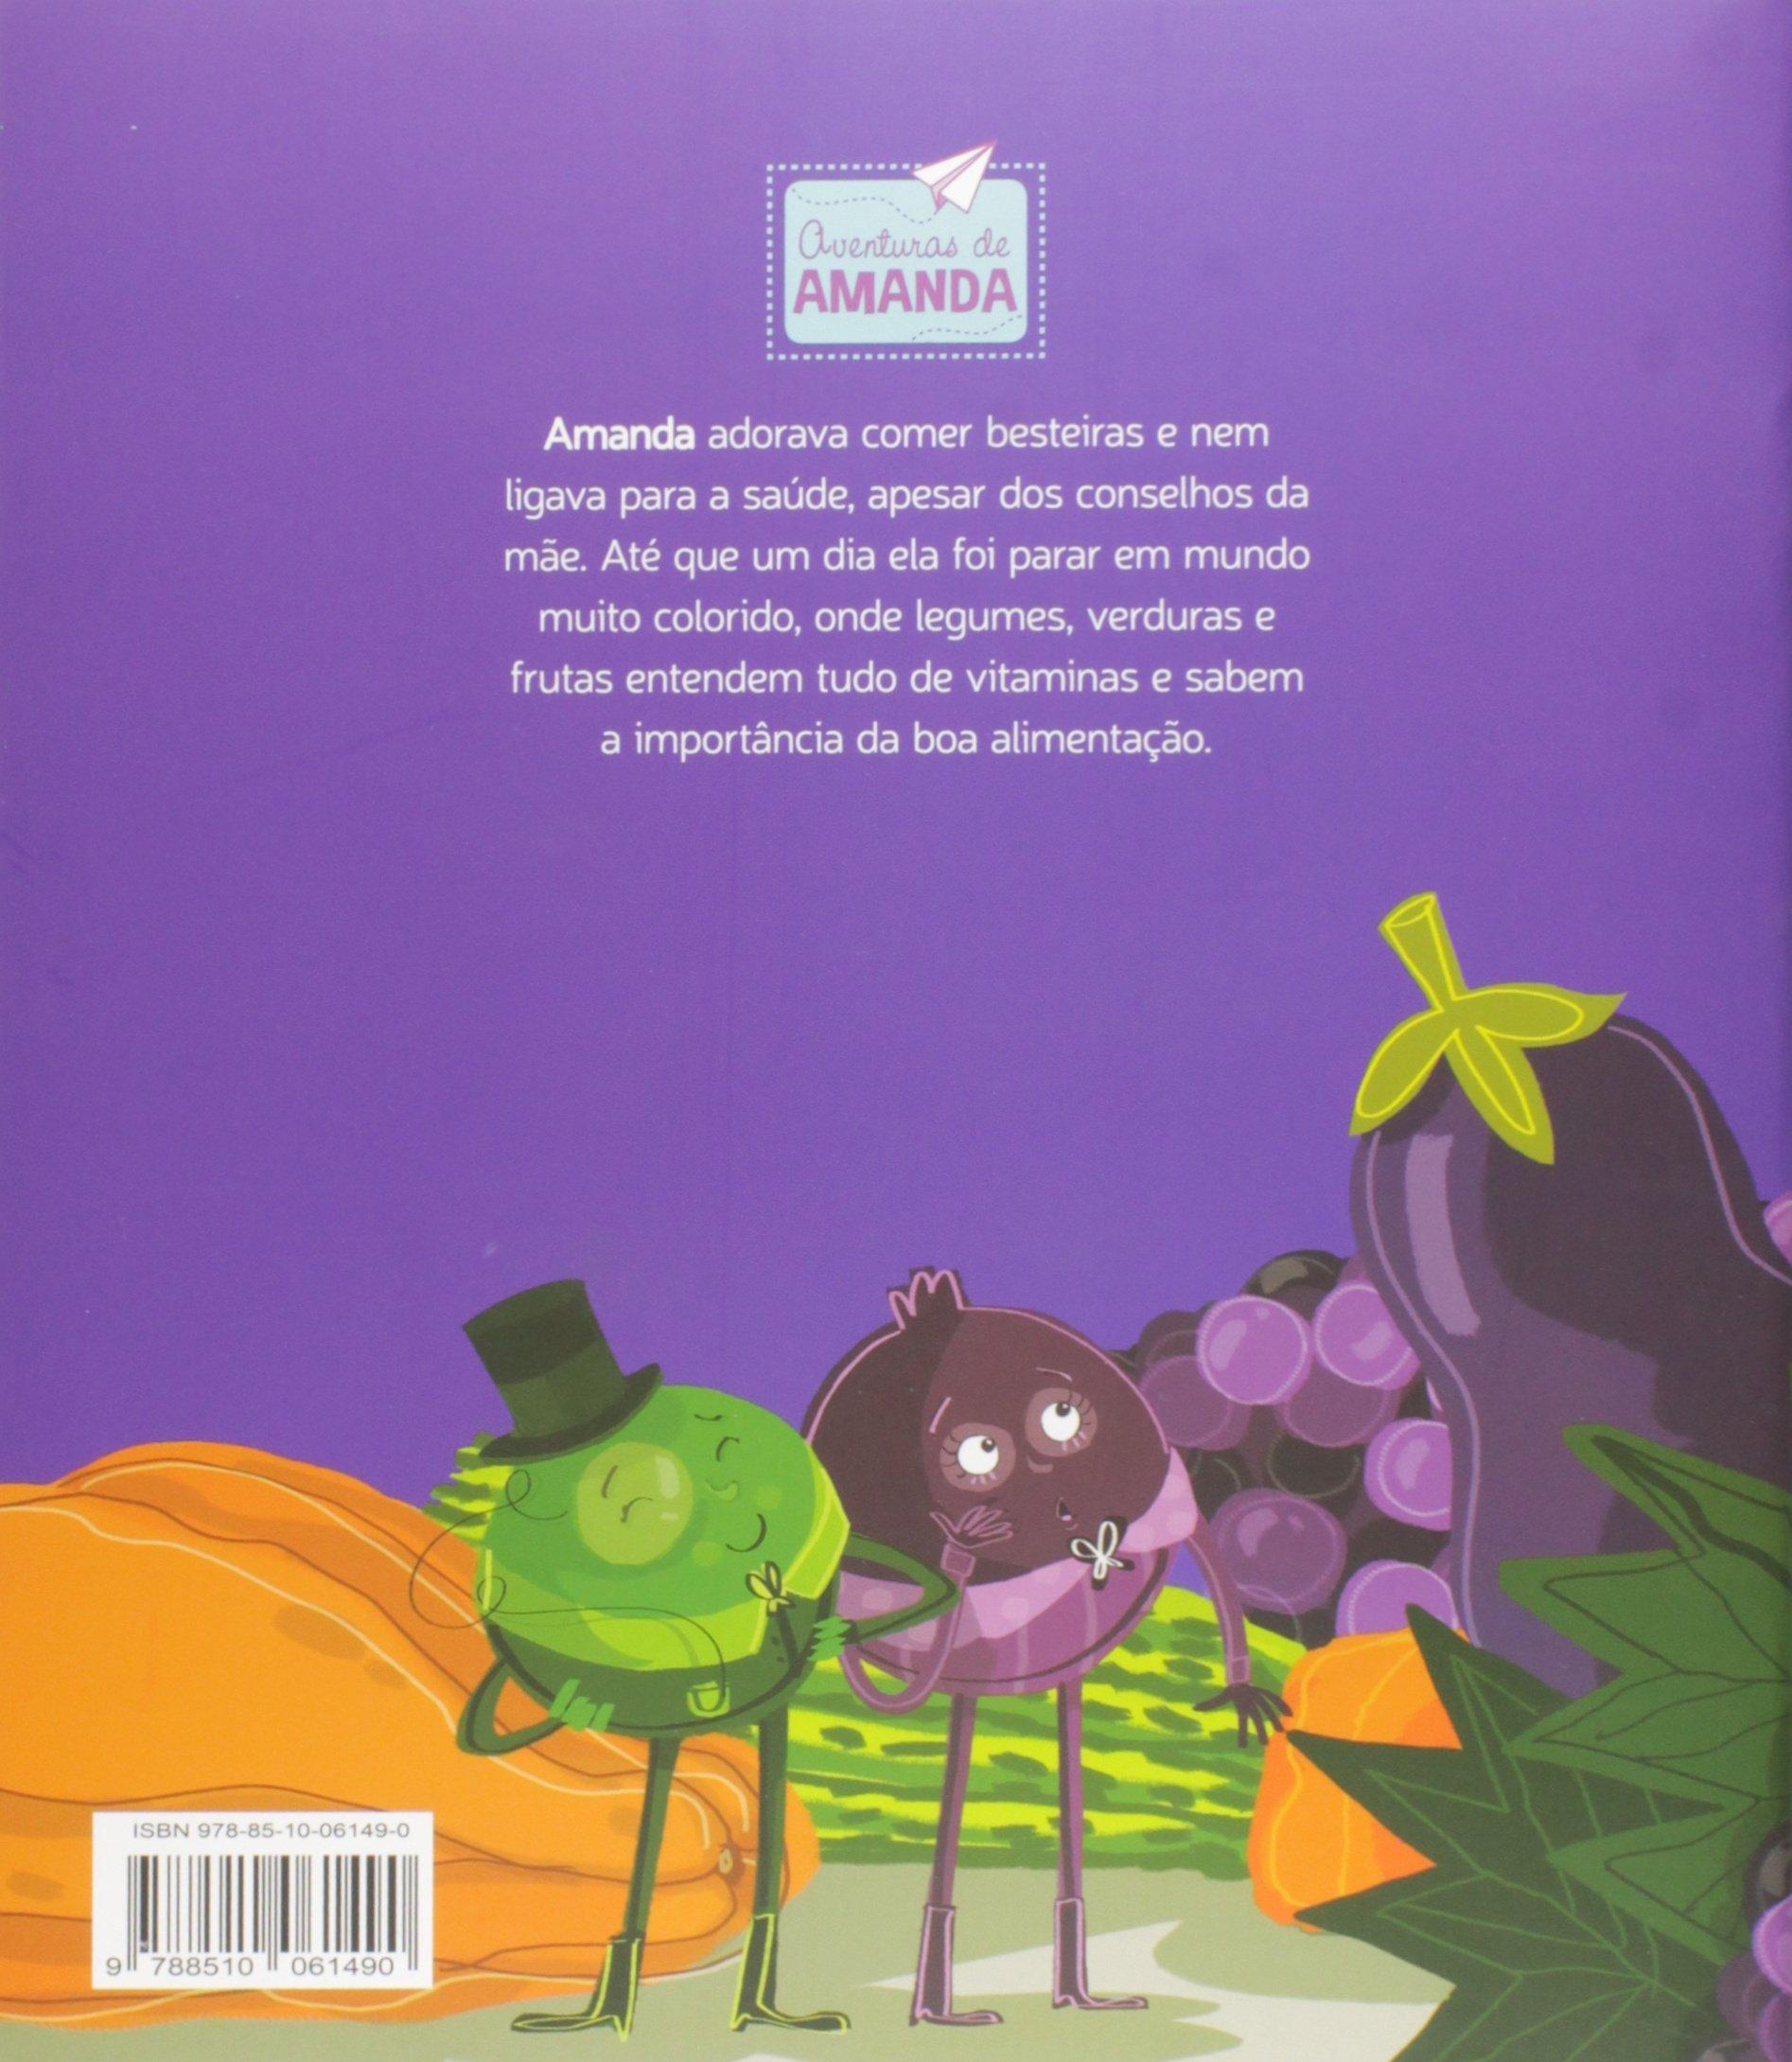 Amanda no Pais das Vitaminas: Leonardo Mendes Cardoso: 9788510061490: Amazon.com: Books